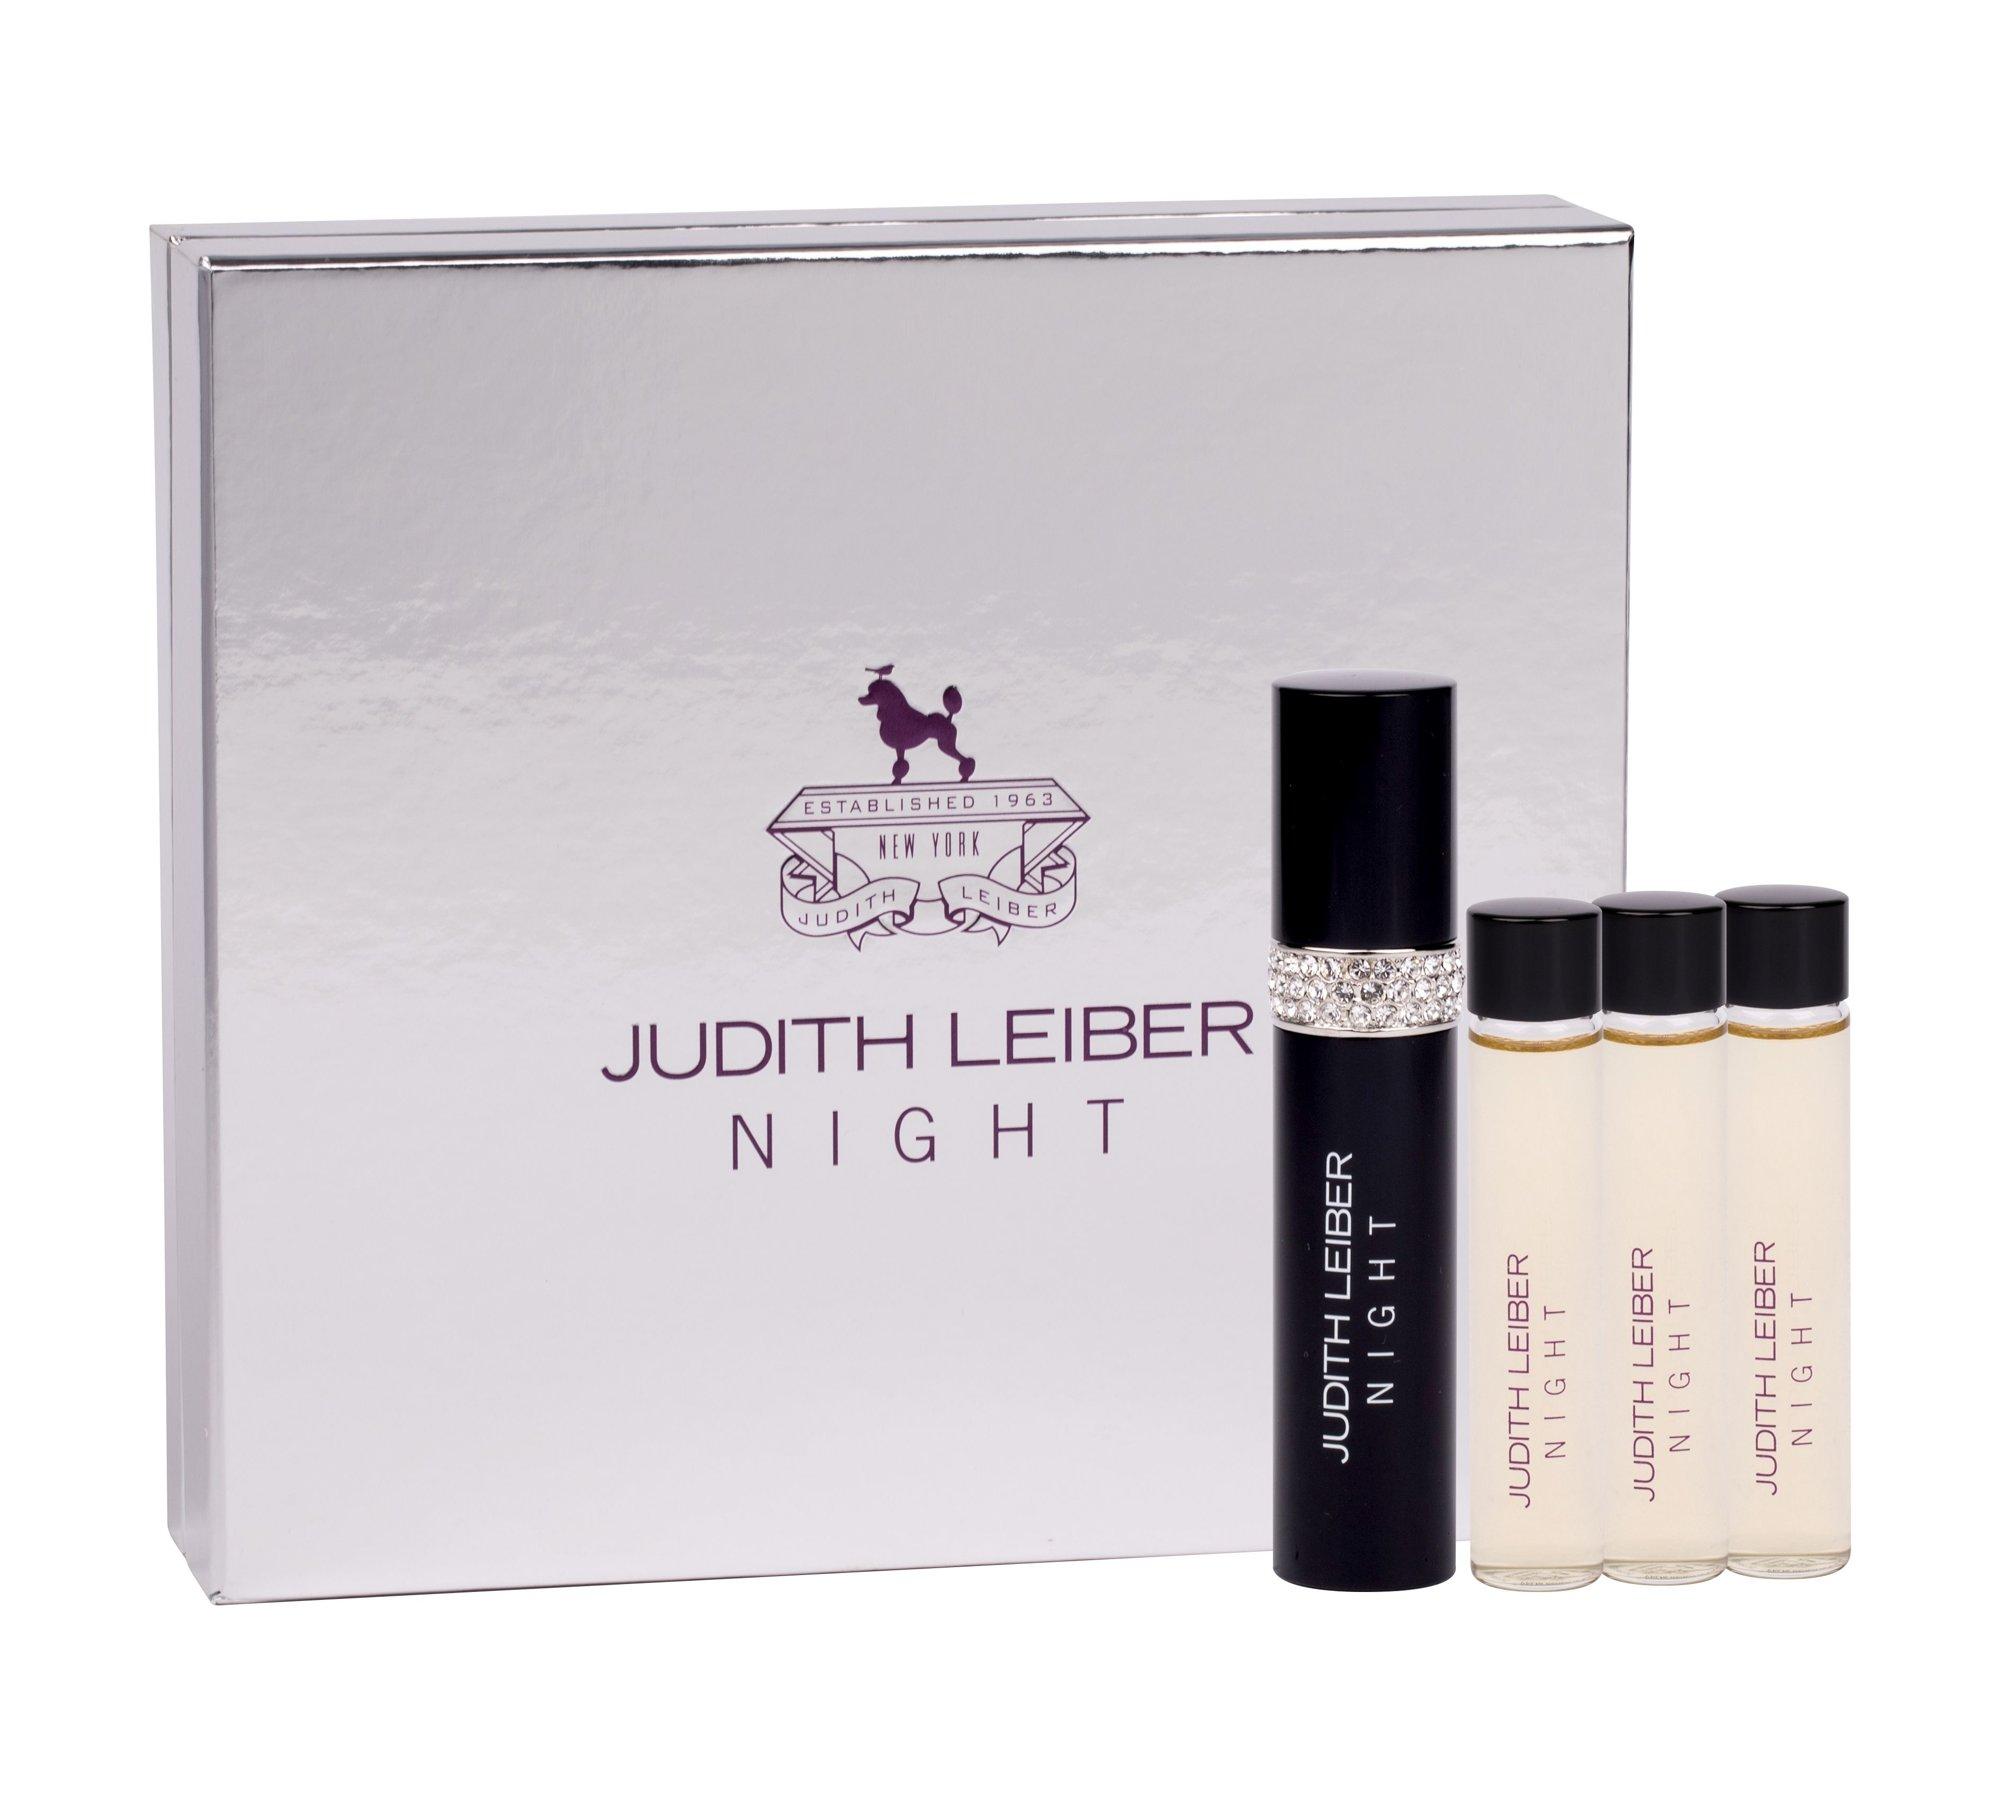 Judith Leiber Night Eau de Parfum 3x10ml